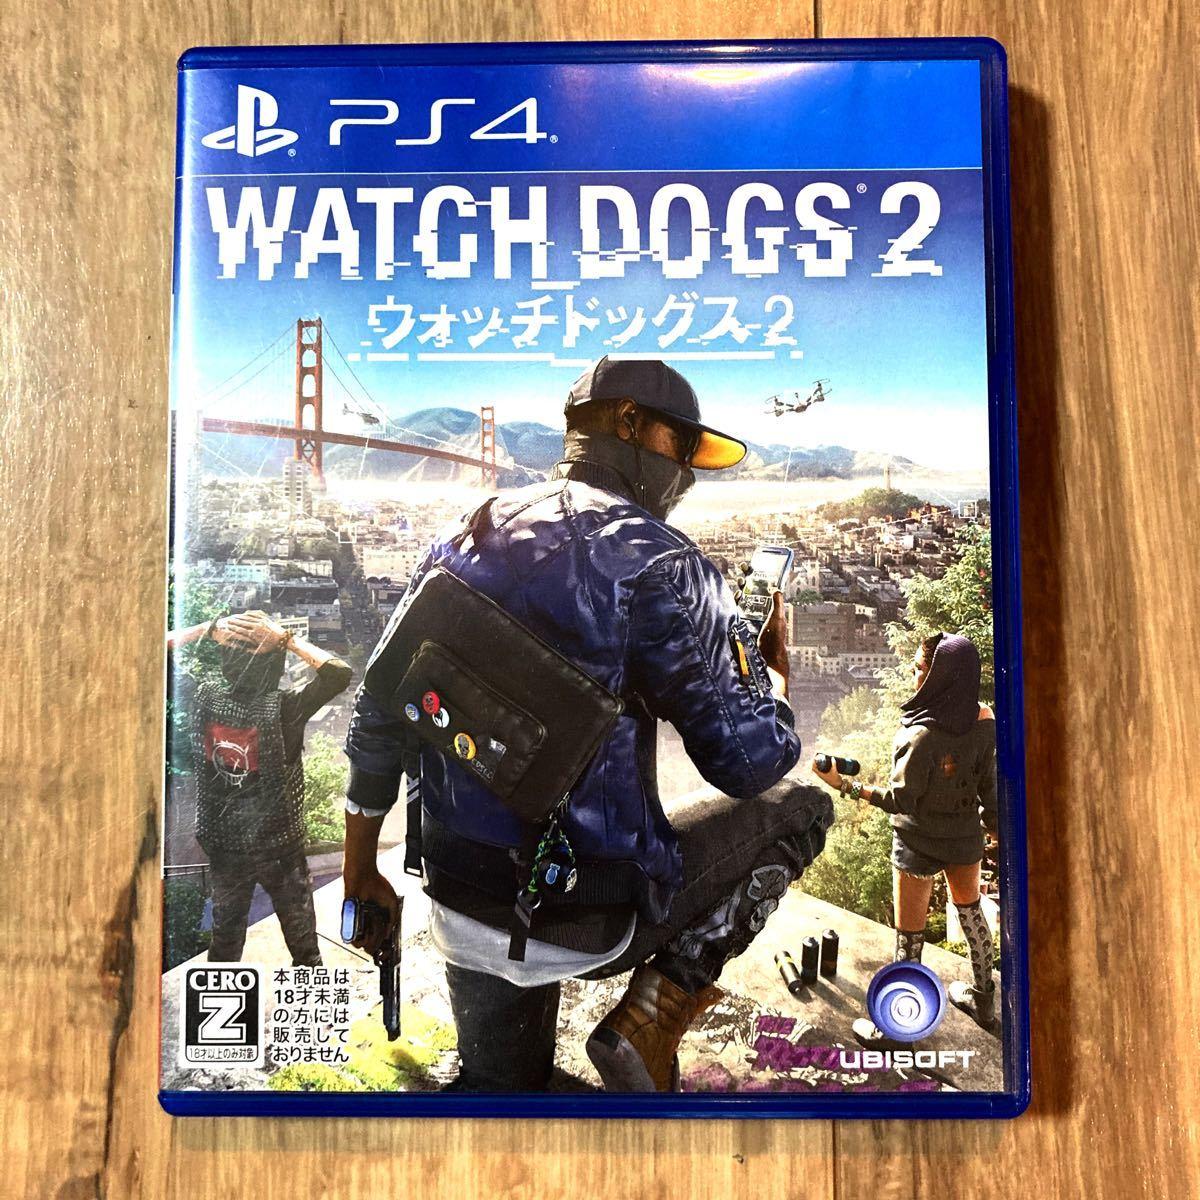 ウォッチドッグス2 PS4ソフト WATCH DOGS2